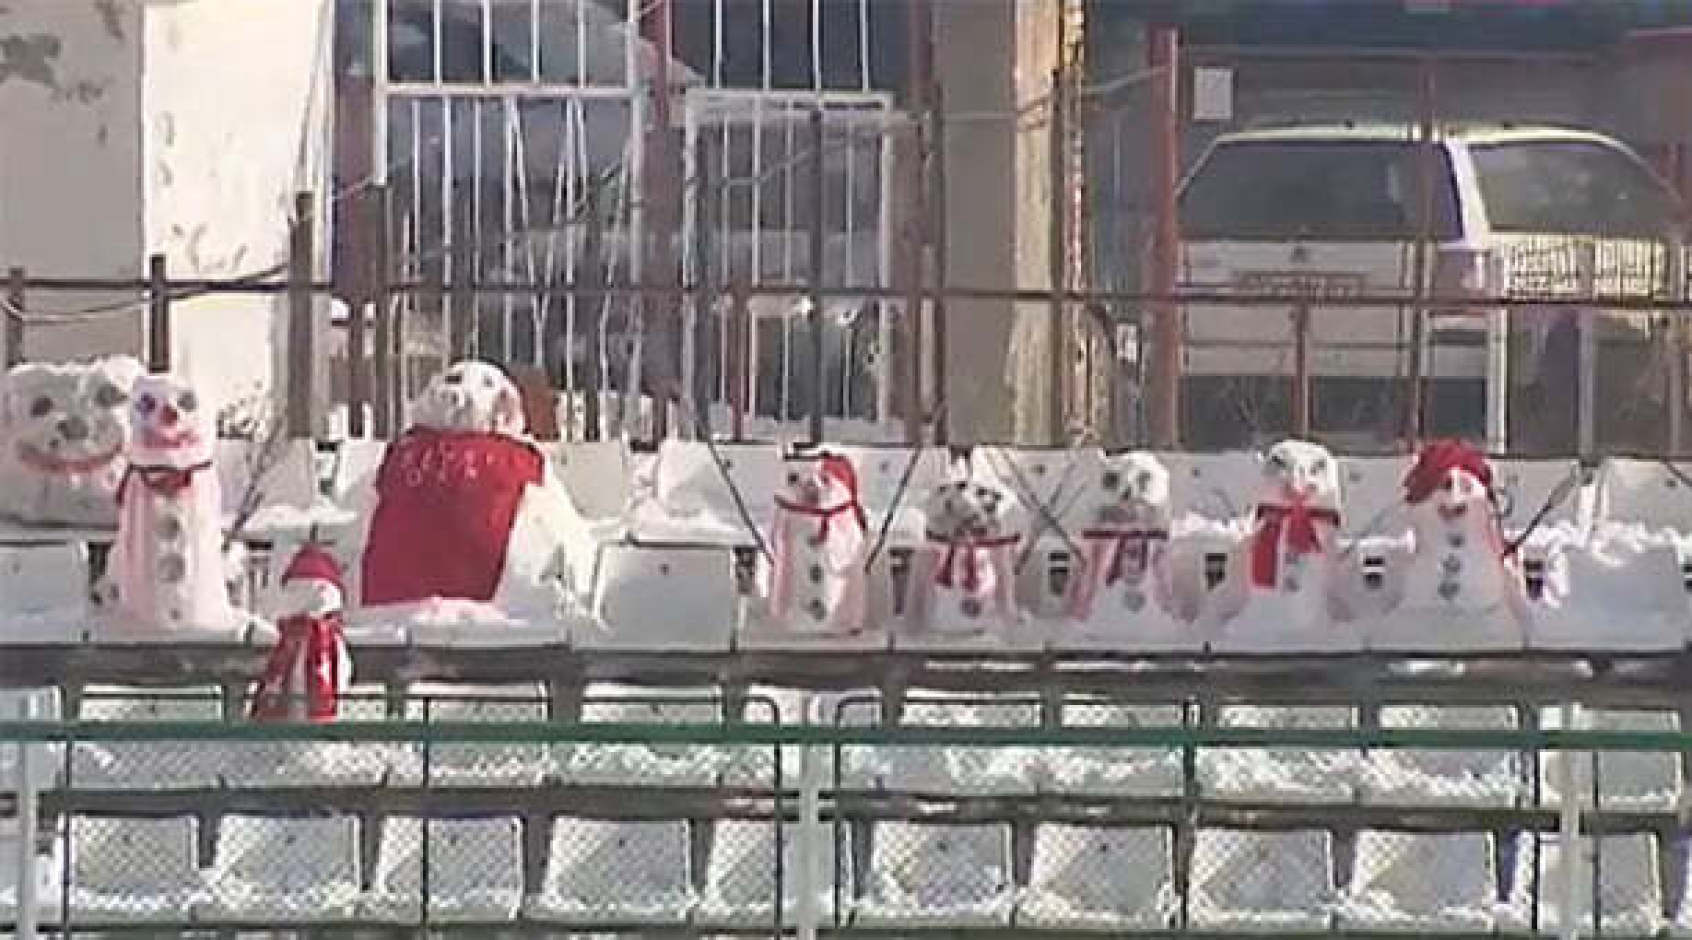 """За матчем """"Сепси"""" - """"Астра"""" на трибунах наблюдали снеговики вместо болельщиков"""